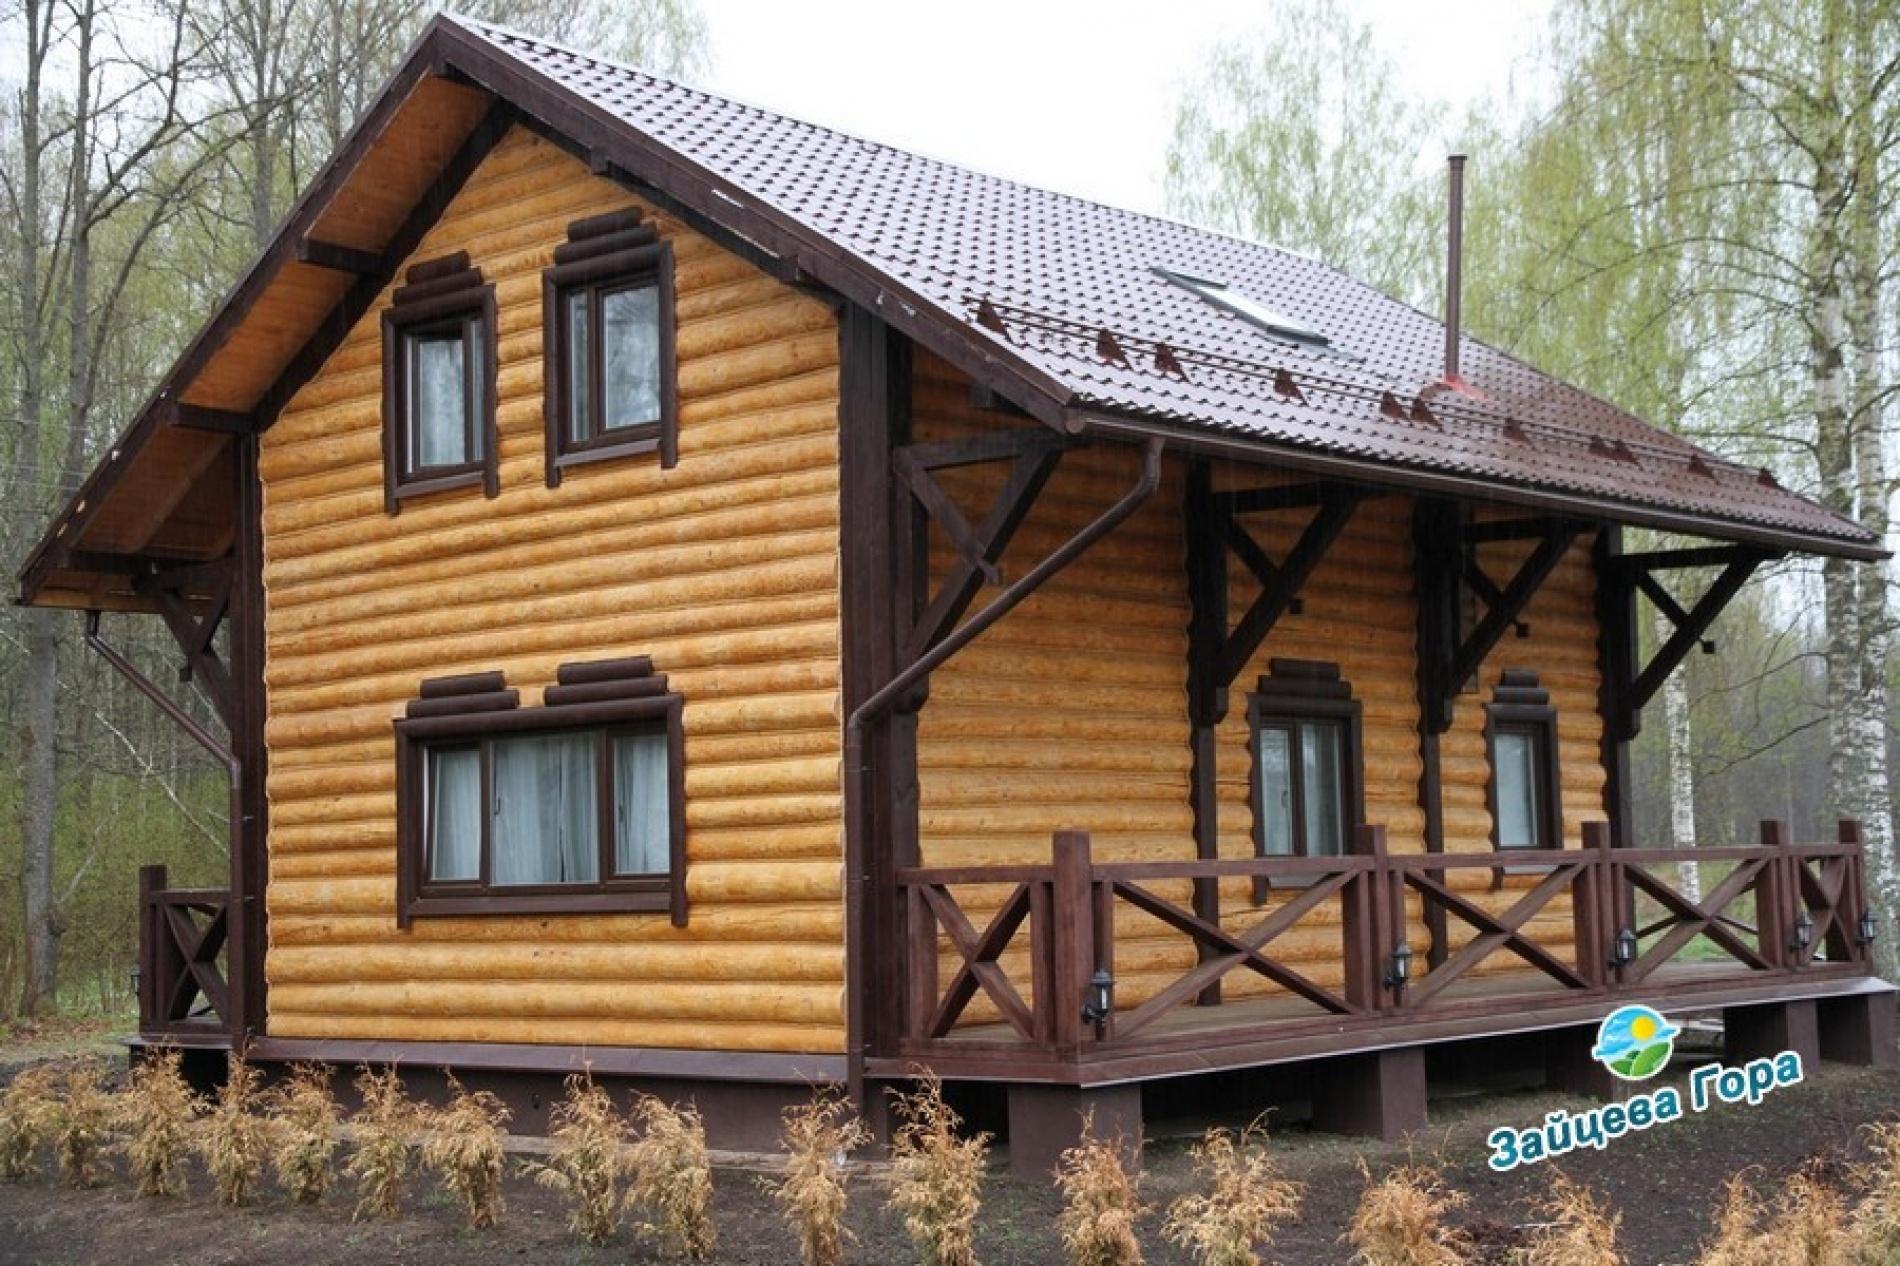 """База отдыха """"Зайцева гора"""" Калужская область, фото 14"""